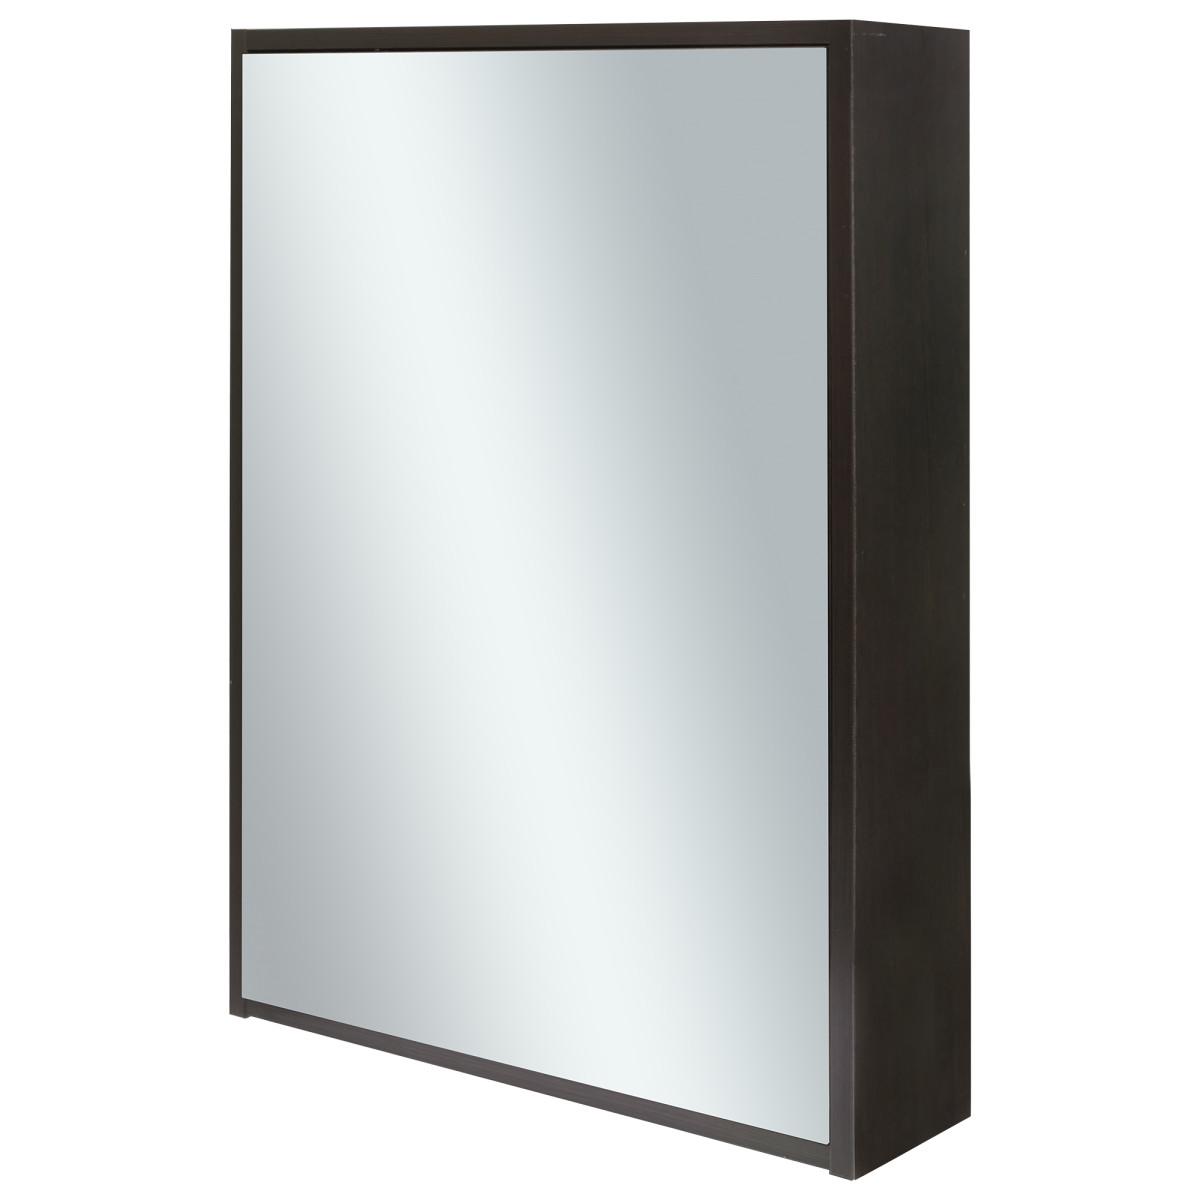 Шкаф зеркальный Дорис 60 см цвет венге